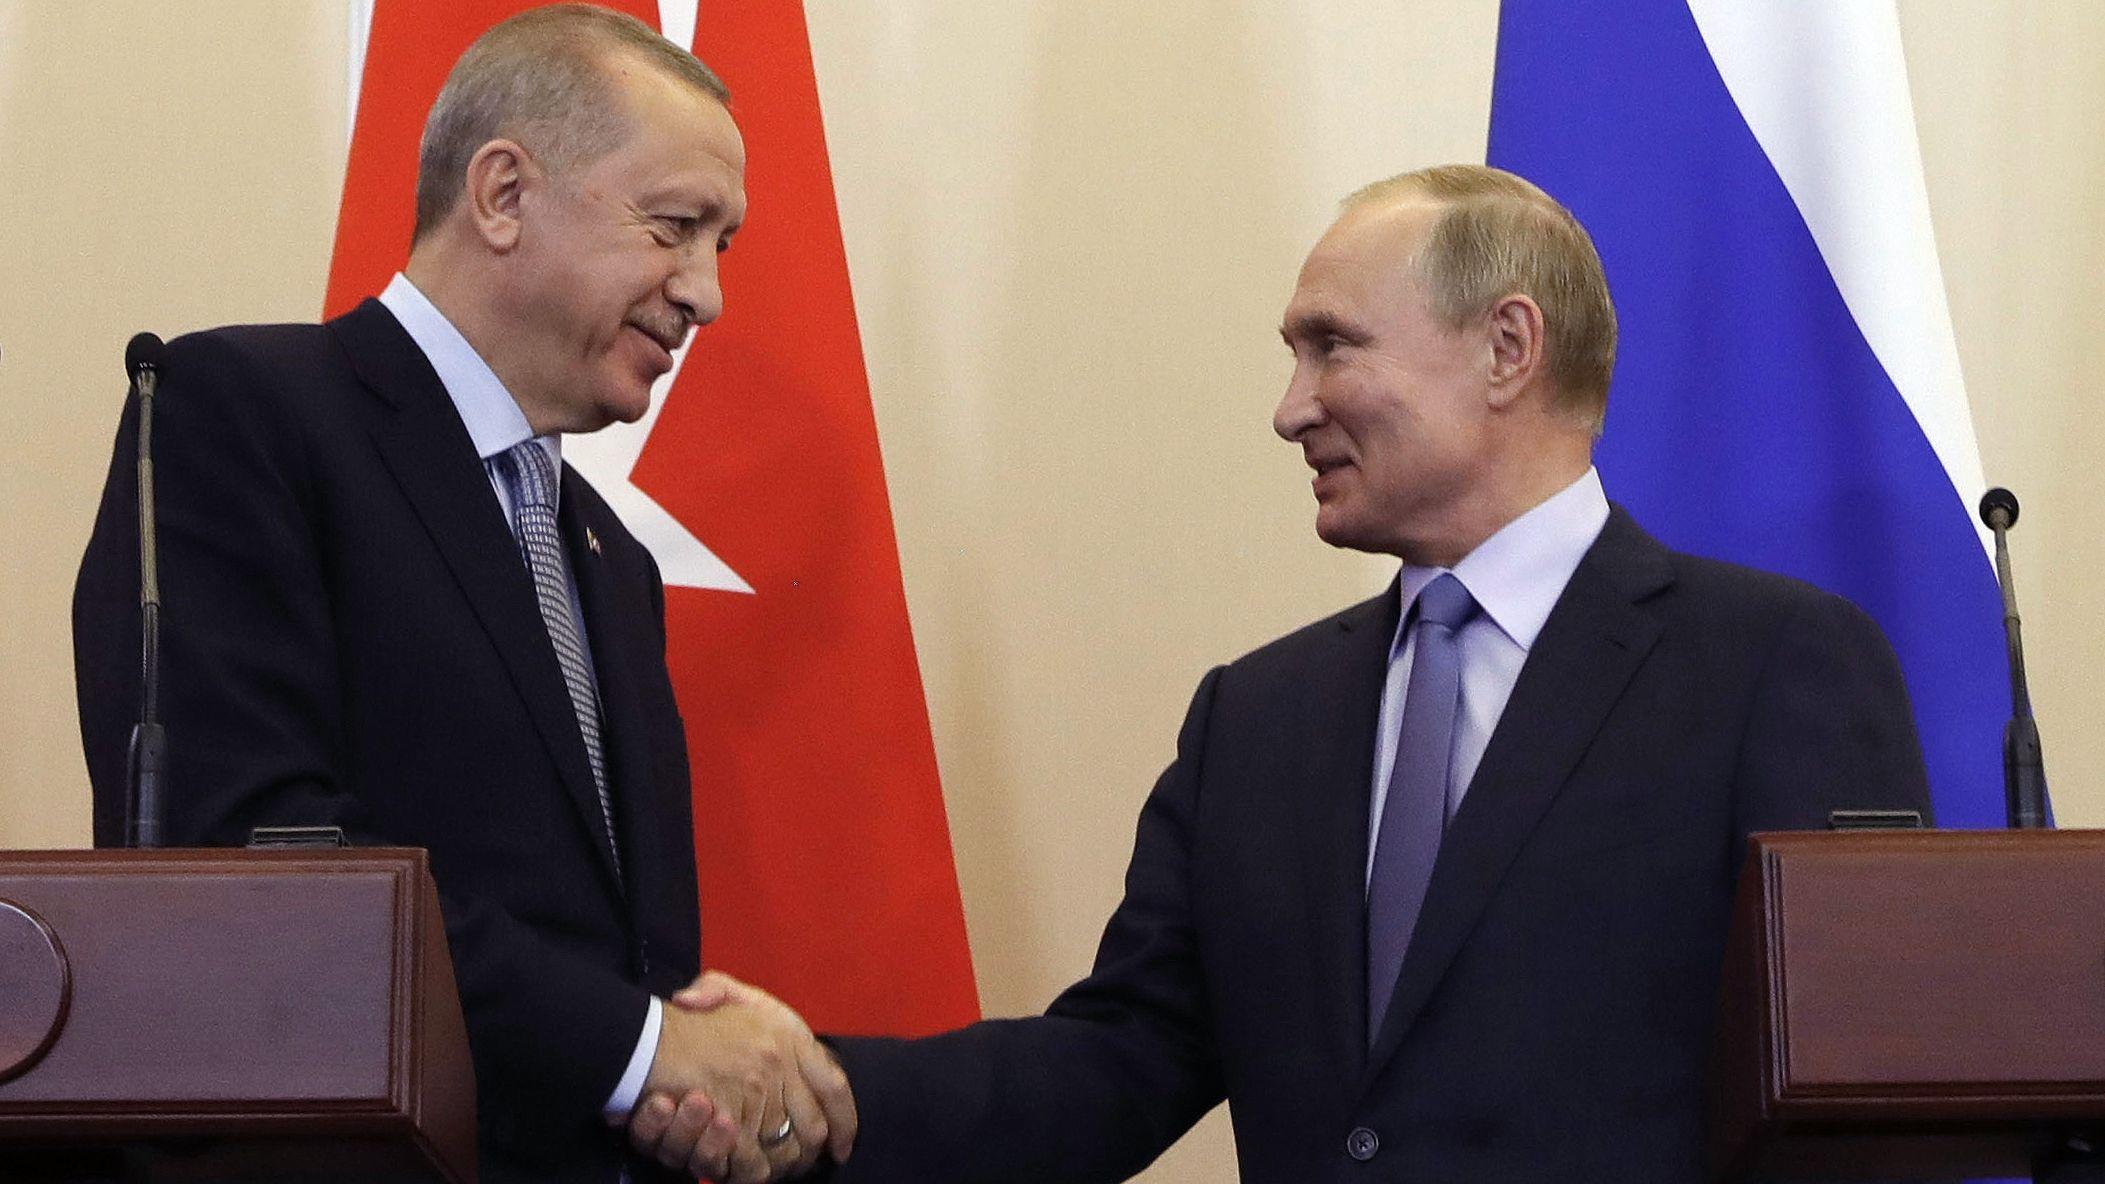 Recep Tayyip Erdogan, Präsident der Türkei (l.) und Wladimir Putin (r.) bei einer Konferenz im vergangenen Oktober.